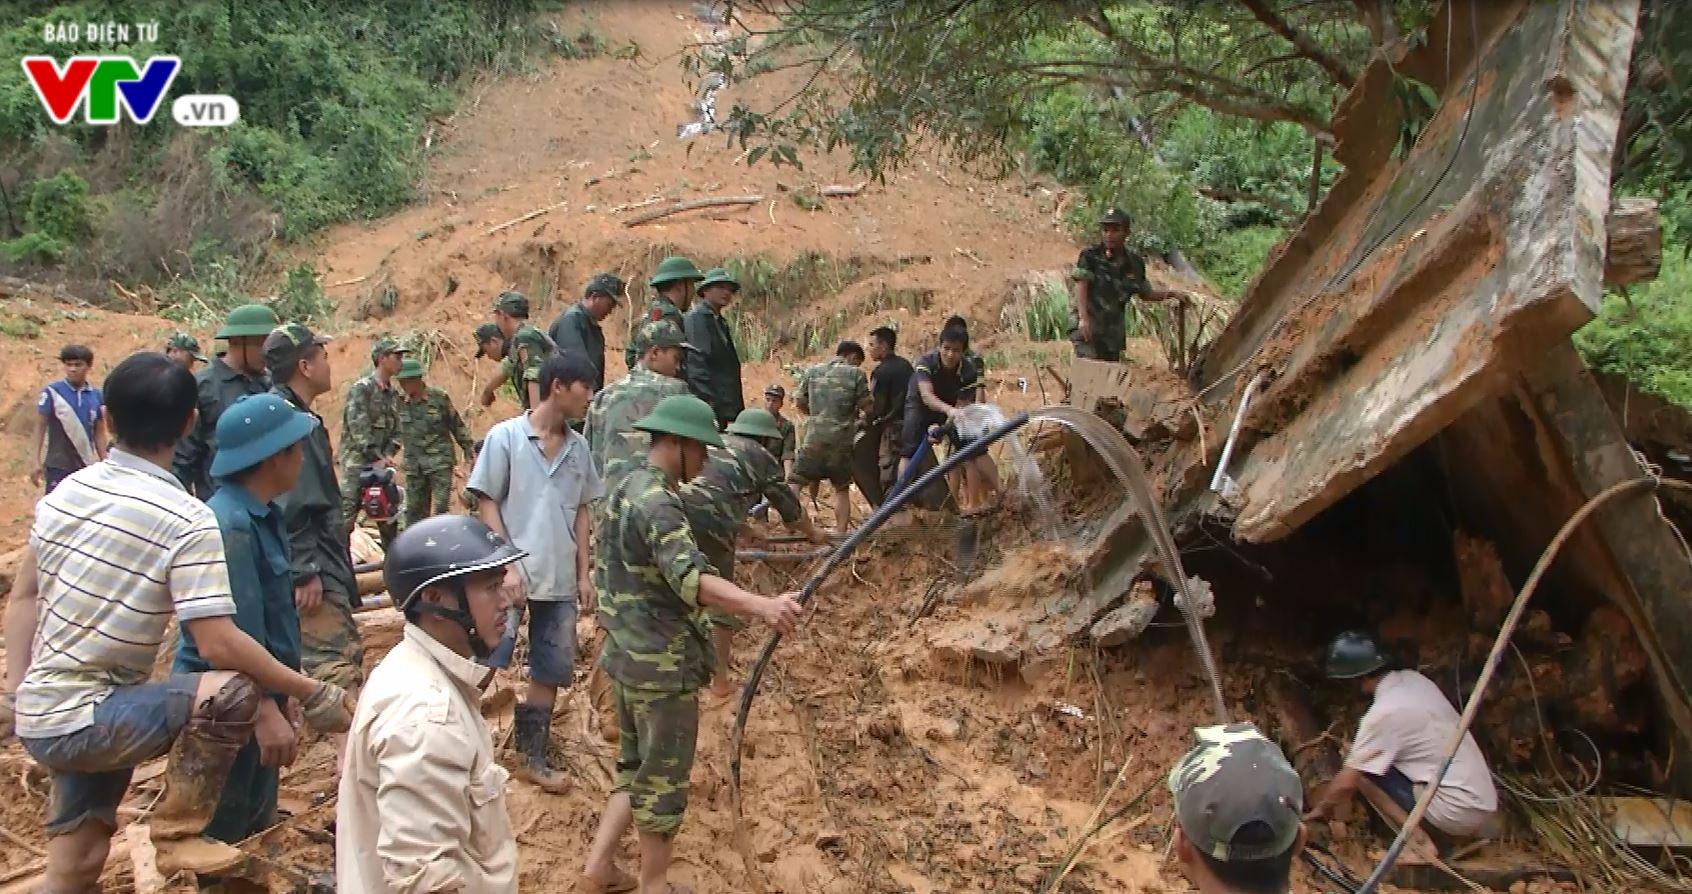 Quảng Nam: Tìm thấy thi thể 2 công nhân bị sạt lở núi vùi lấp - Ảnh 3.